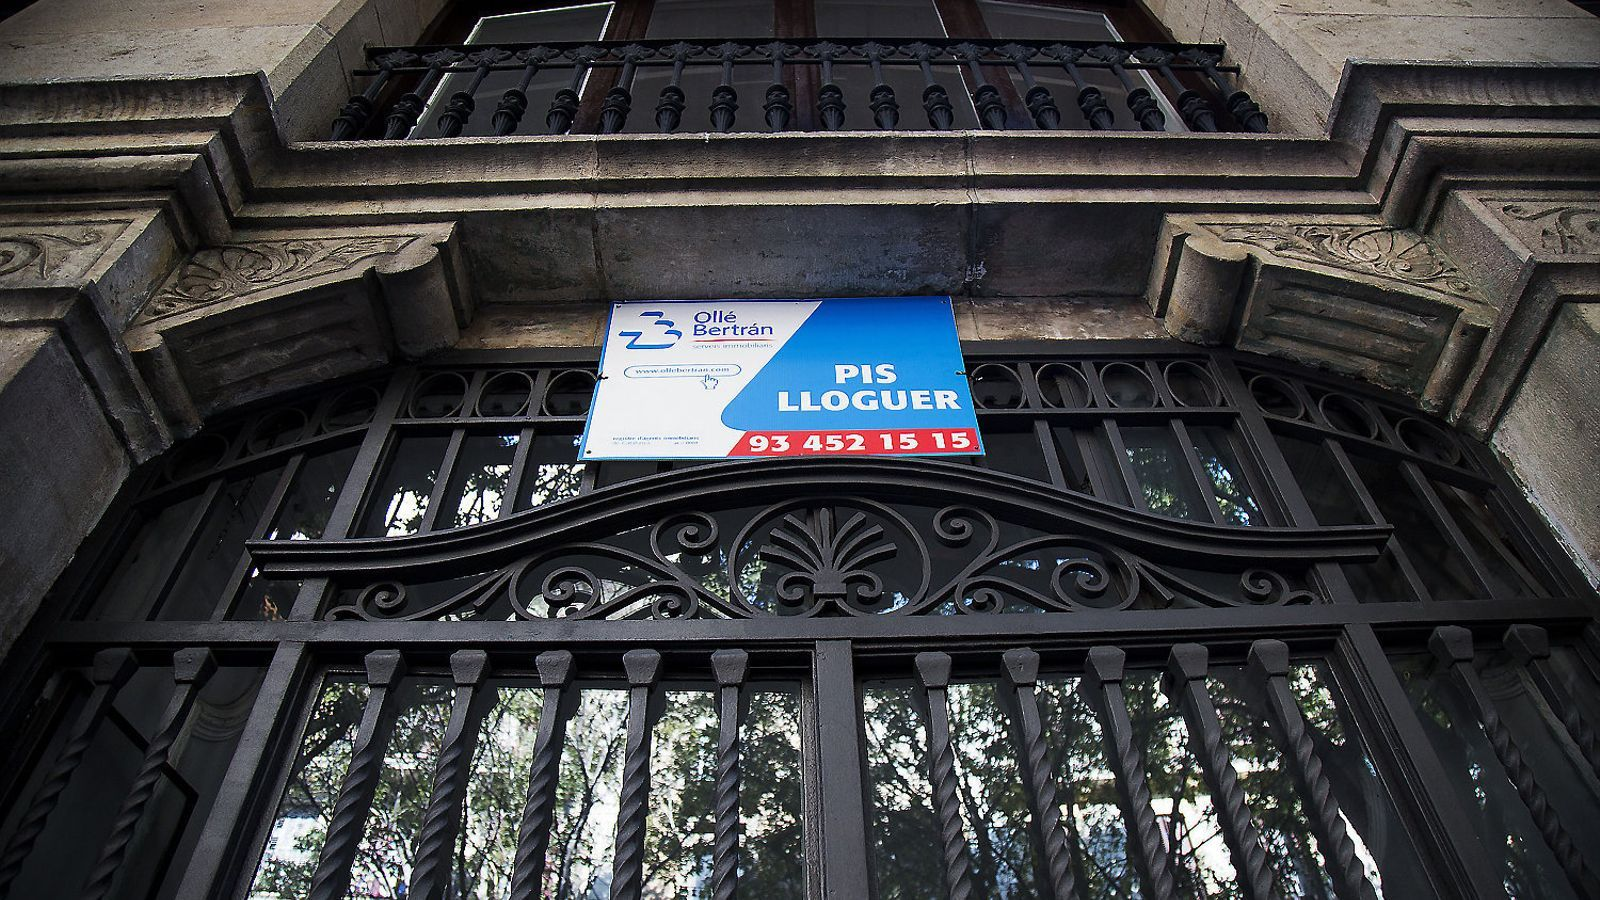 Les esquerres proposaven lligar els lloguers a l'IPC